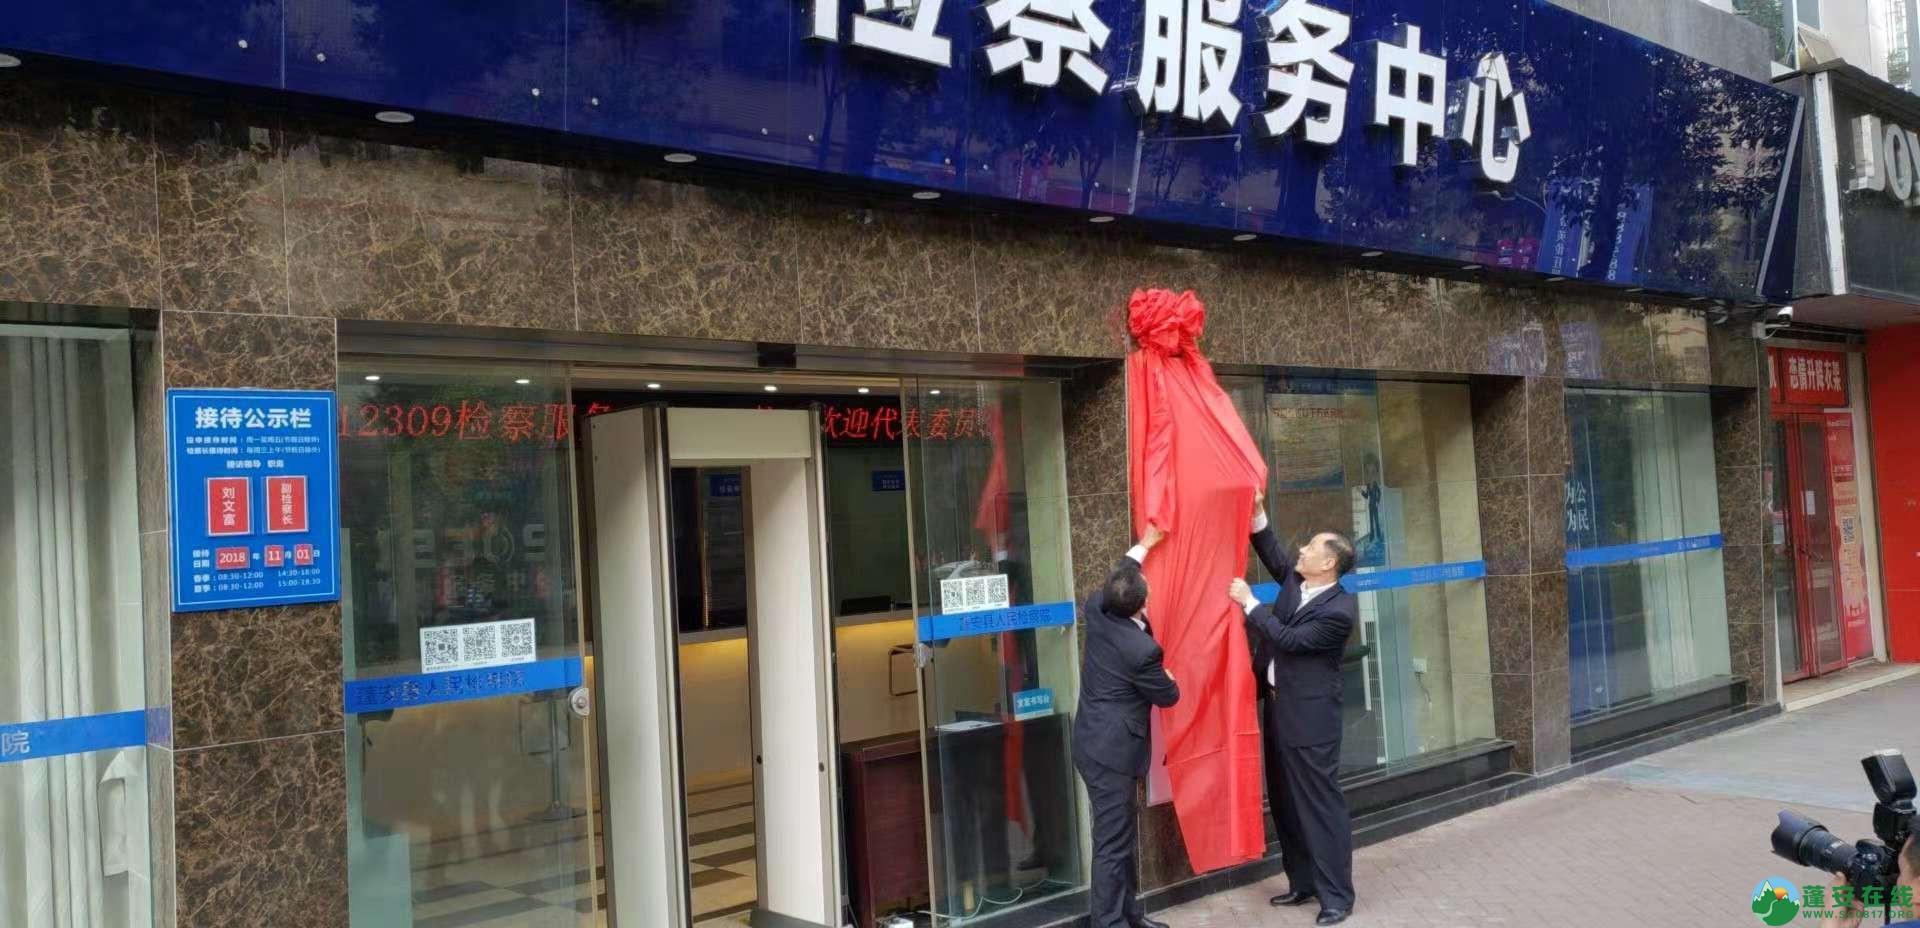 蓬安县人民检察院12309检察服务中心正式宣告挂牌成立 - 第3张  | 蓬安在线